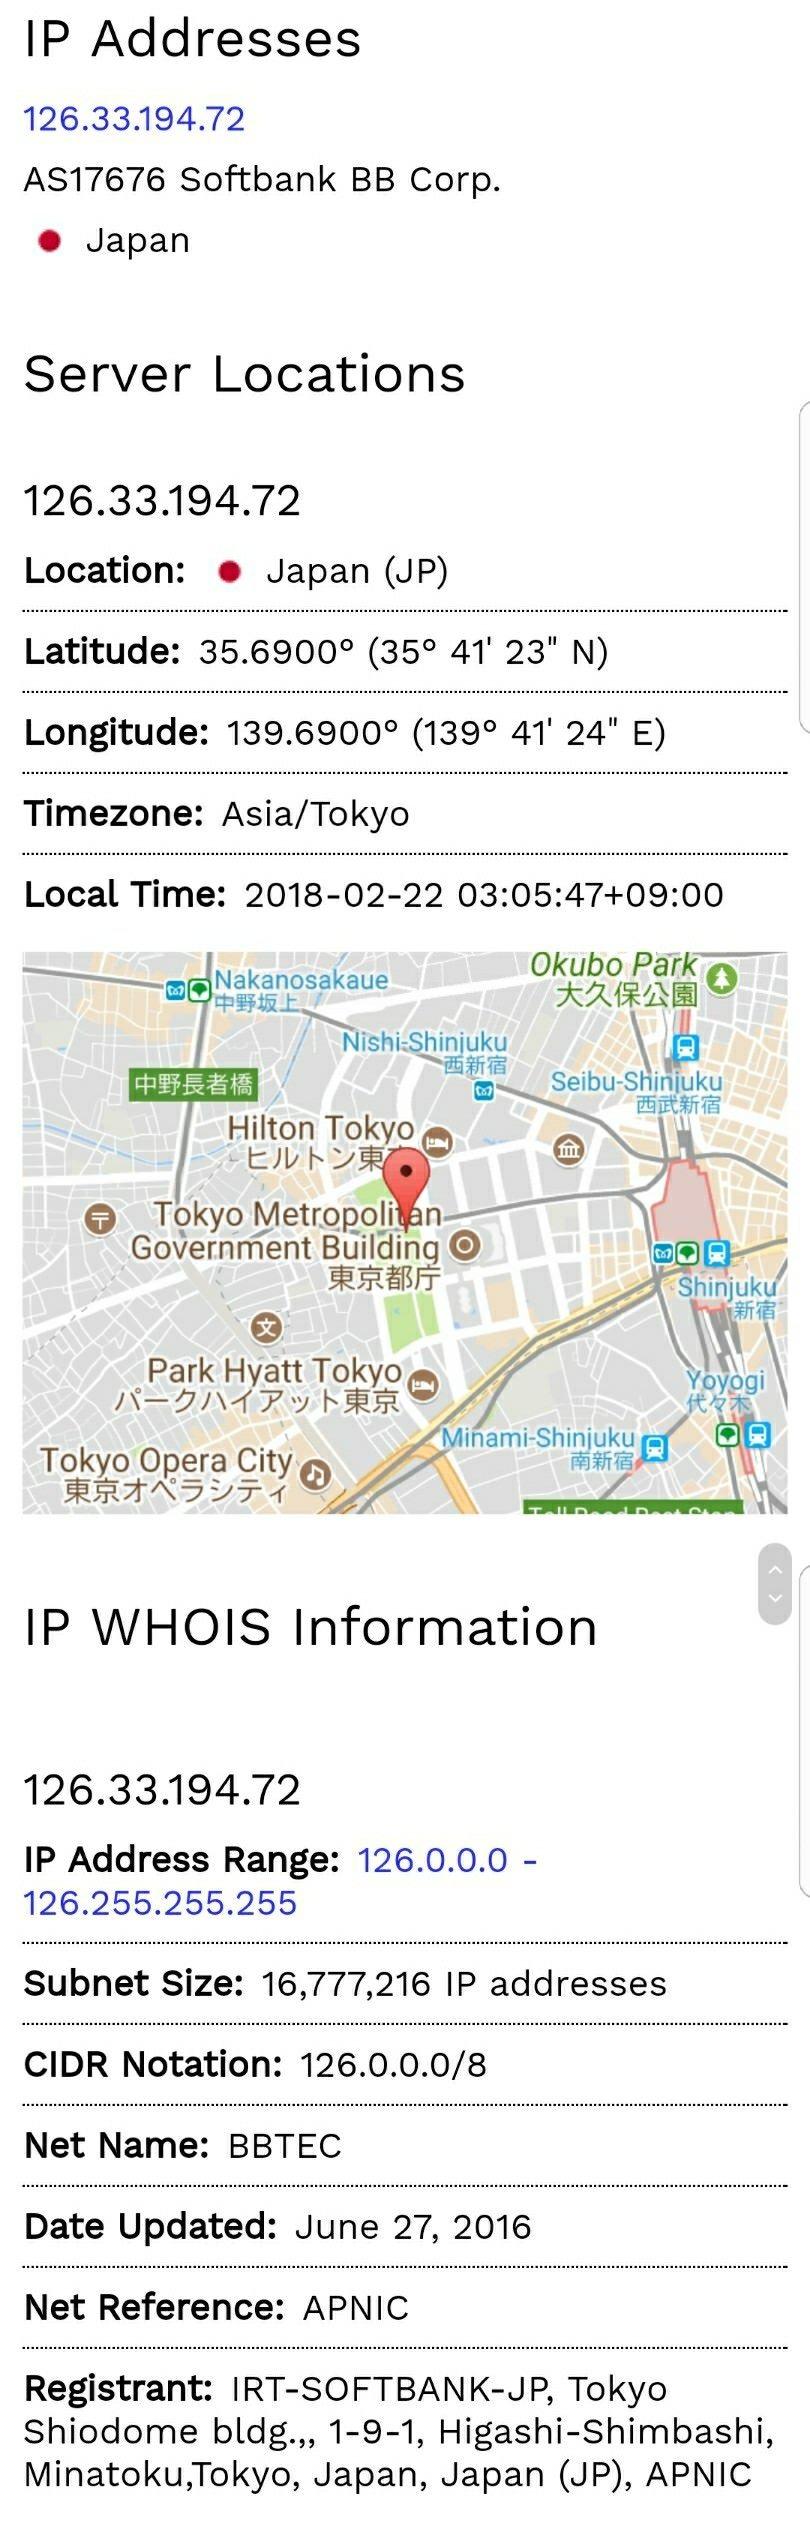 2018022-10-ZWGyi10.jpg